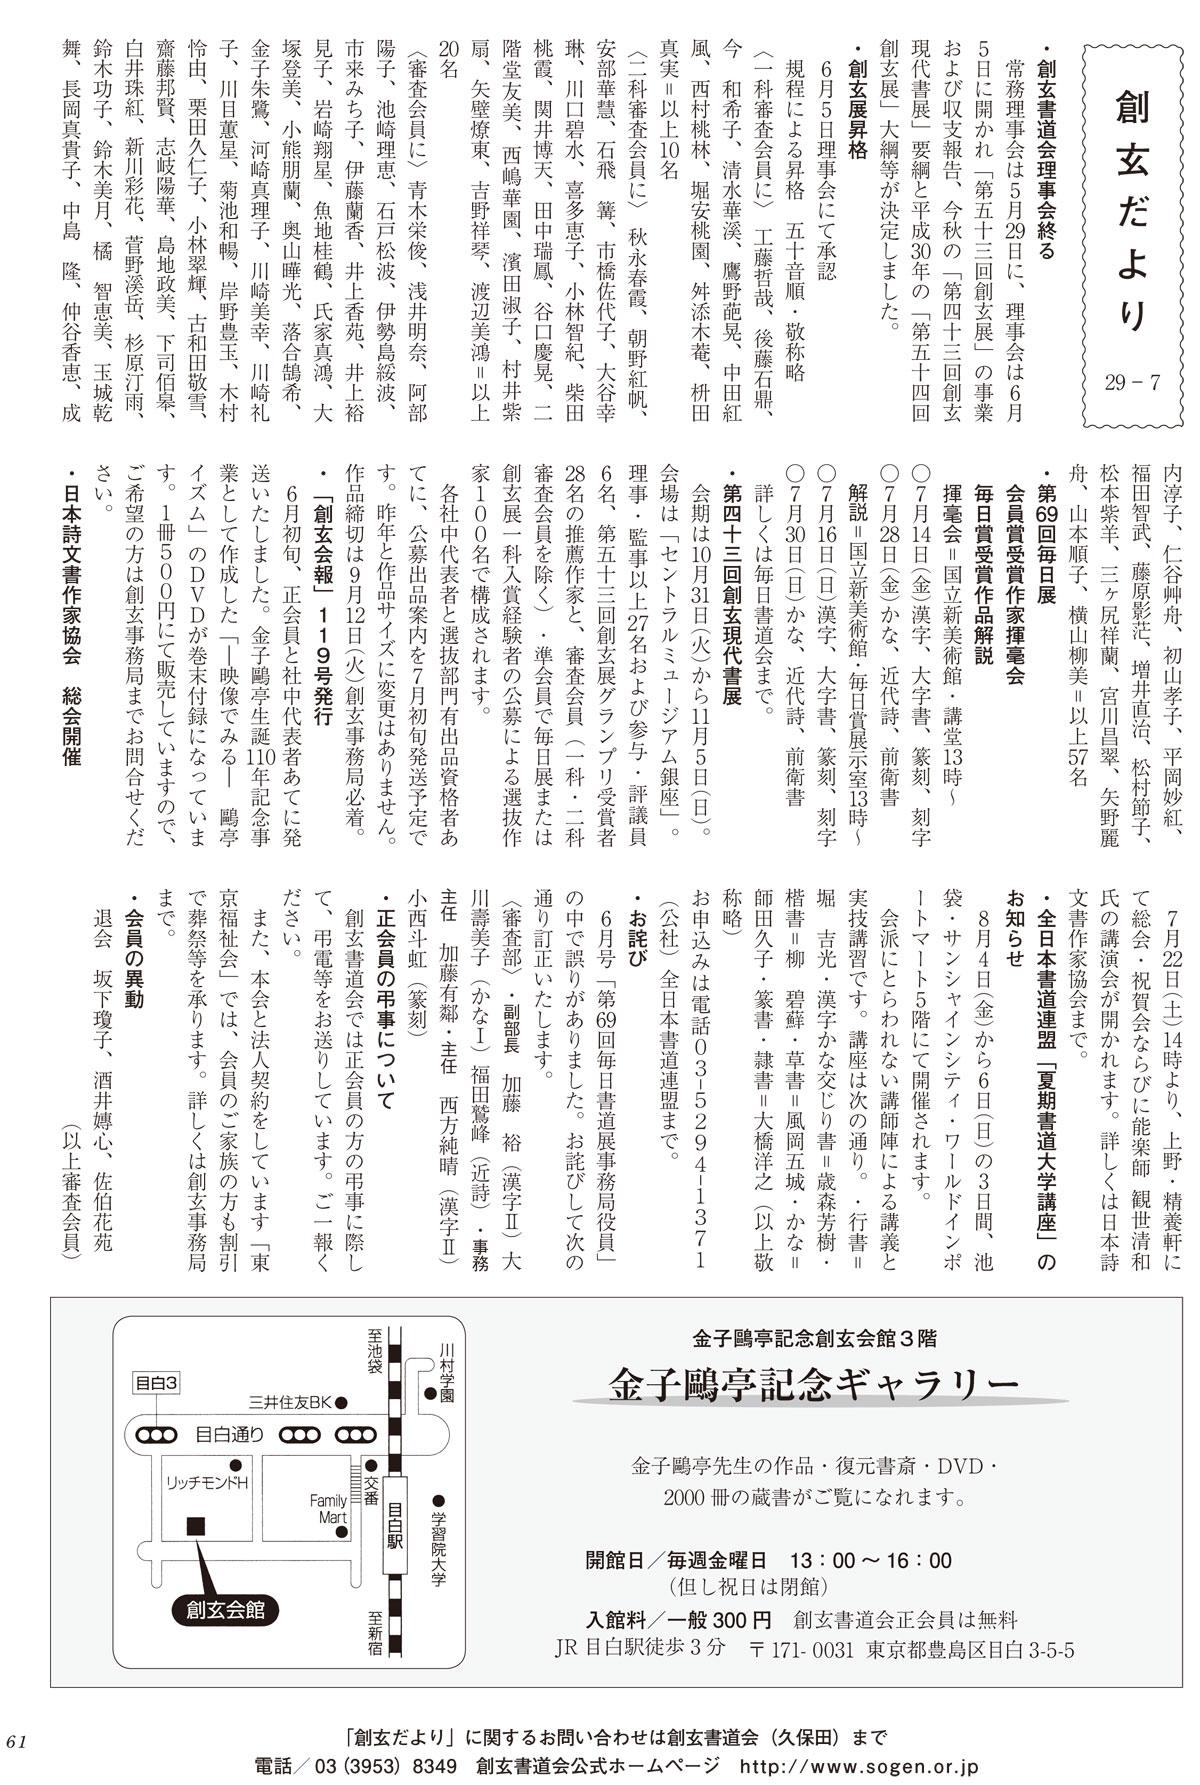 http://www.sogen.or.jp/letter/2017/06/14/559%E5%89%B5%E7%8E%84%E3%81%9F%E3%82%99%E3%82%88%E3%82%8A4.jpg